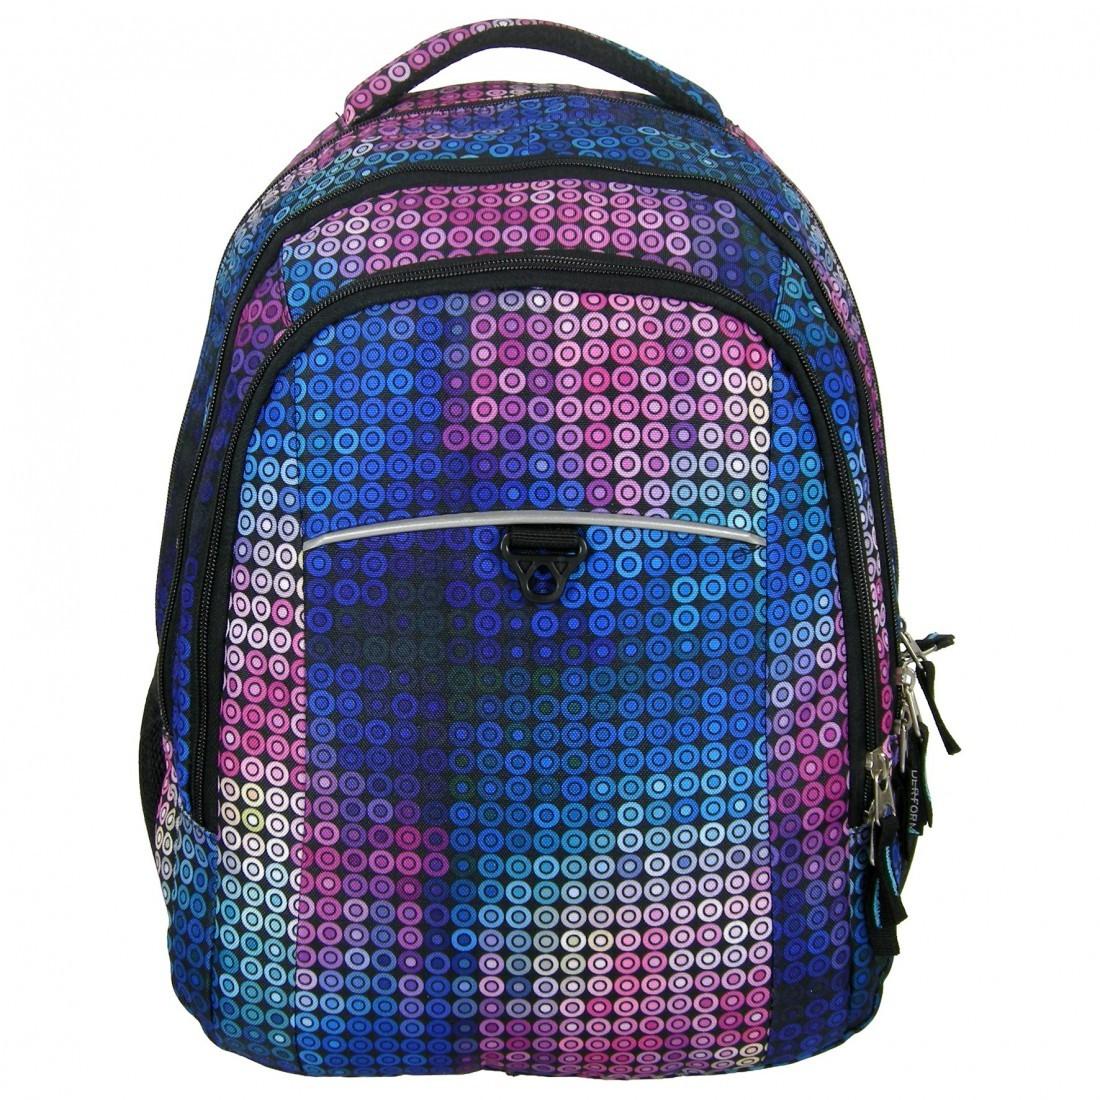 Plecak Jetbag Młodzieżowy Kolorowe Kółka - plecak-tornister.pl